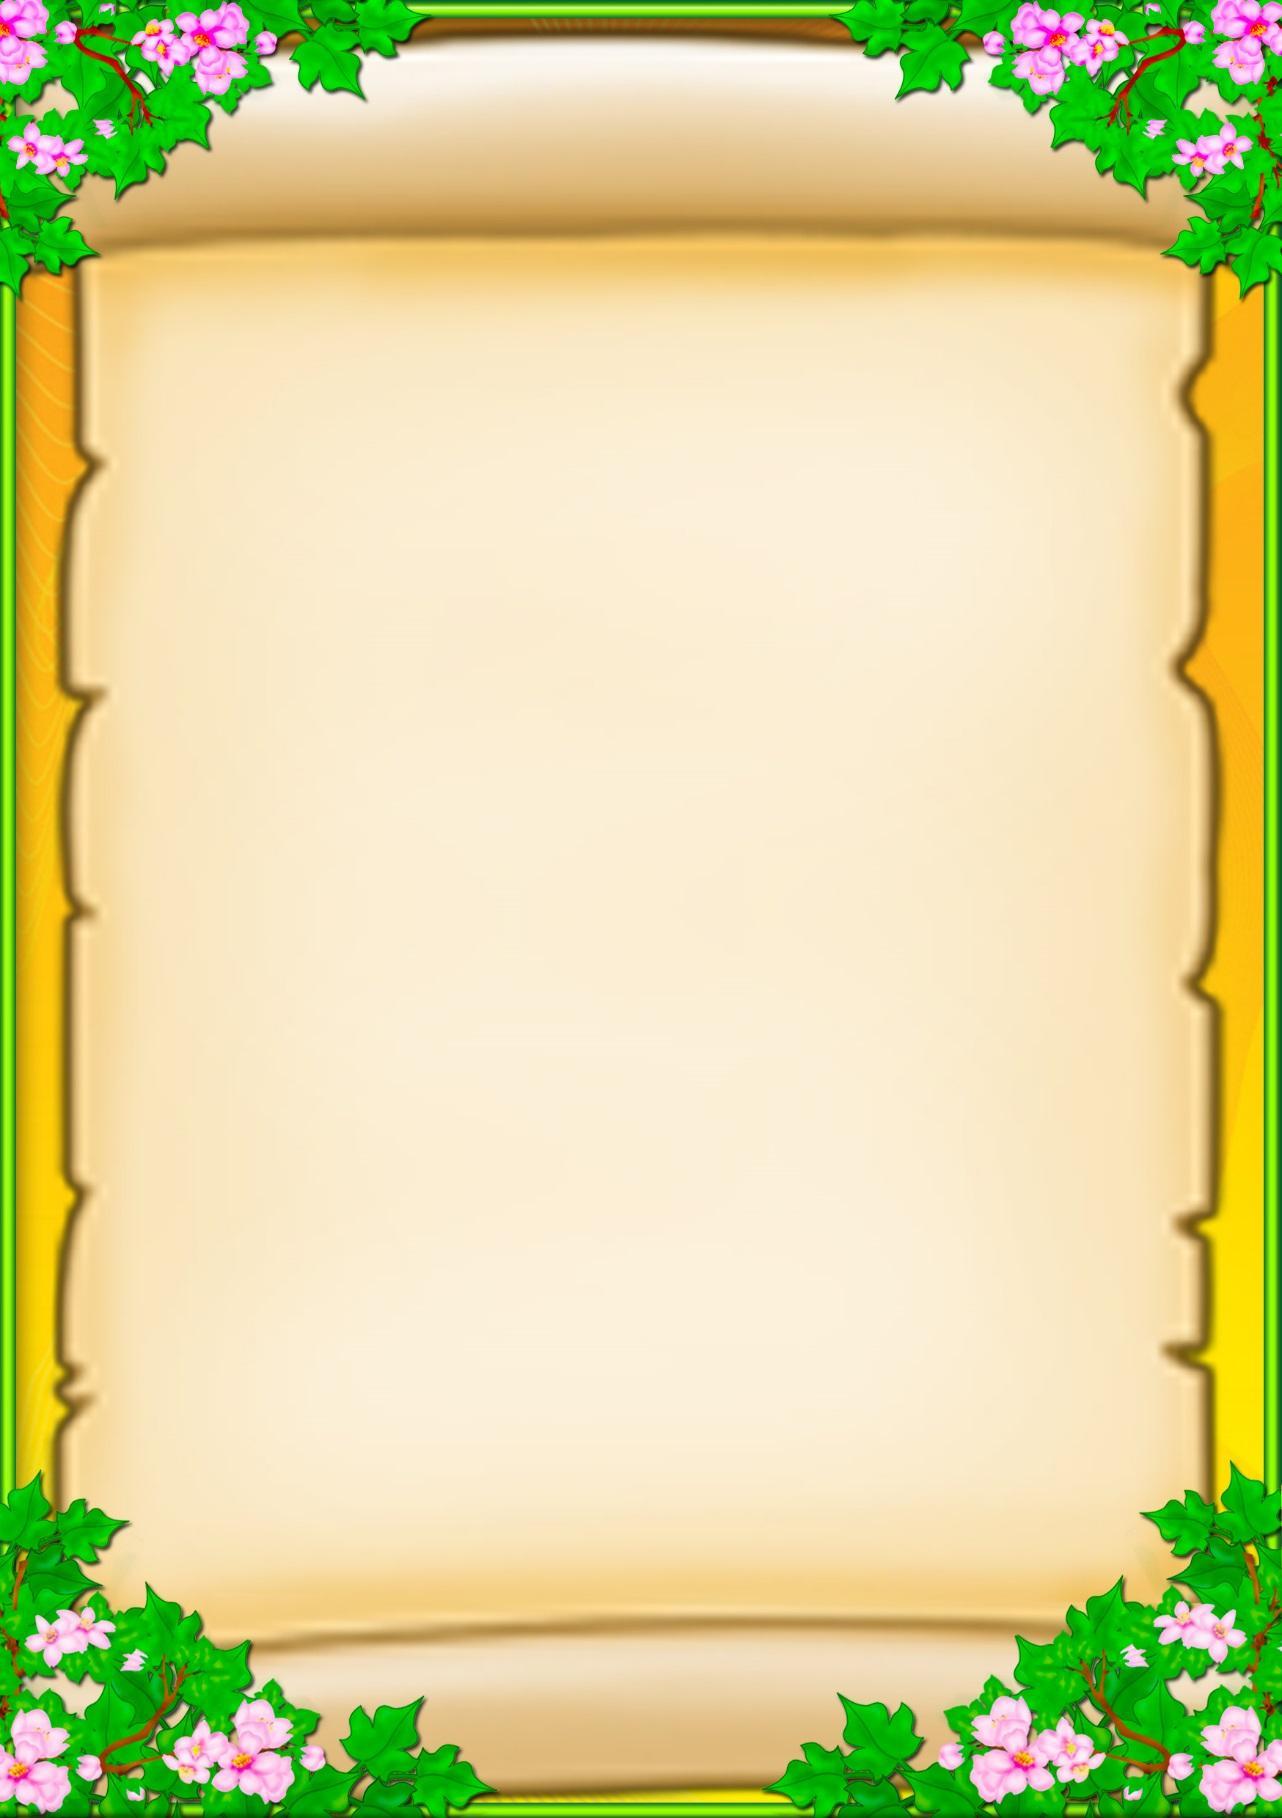 Картинки для написания текста в детском саду